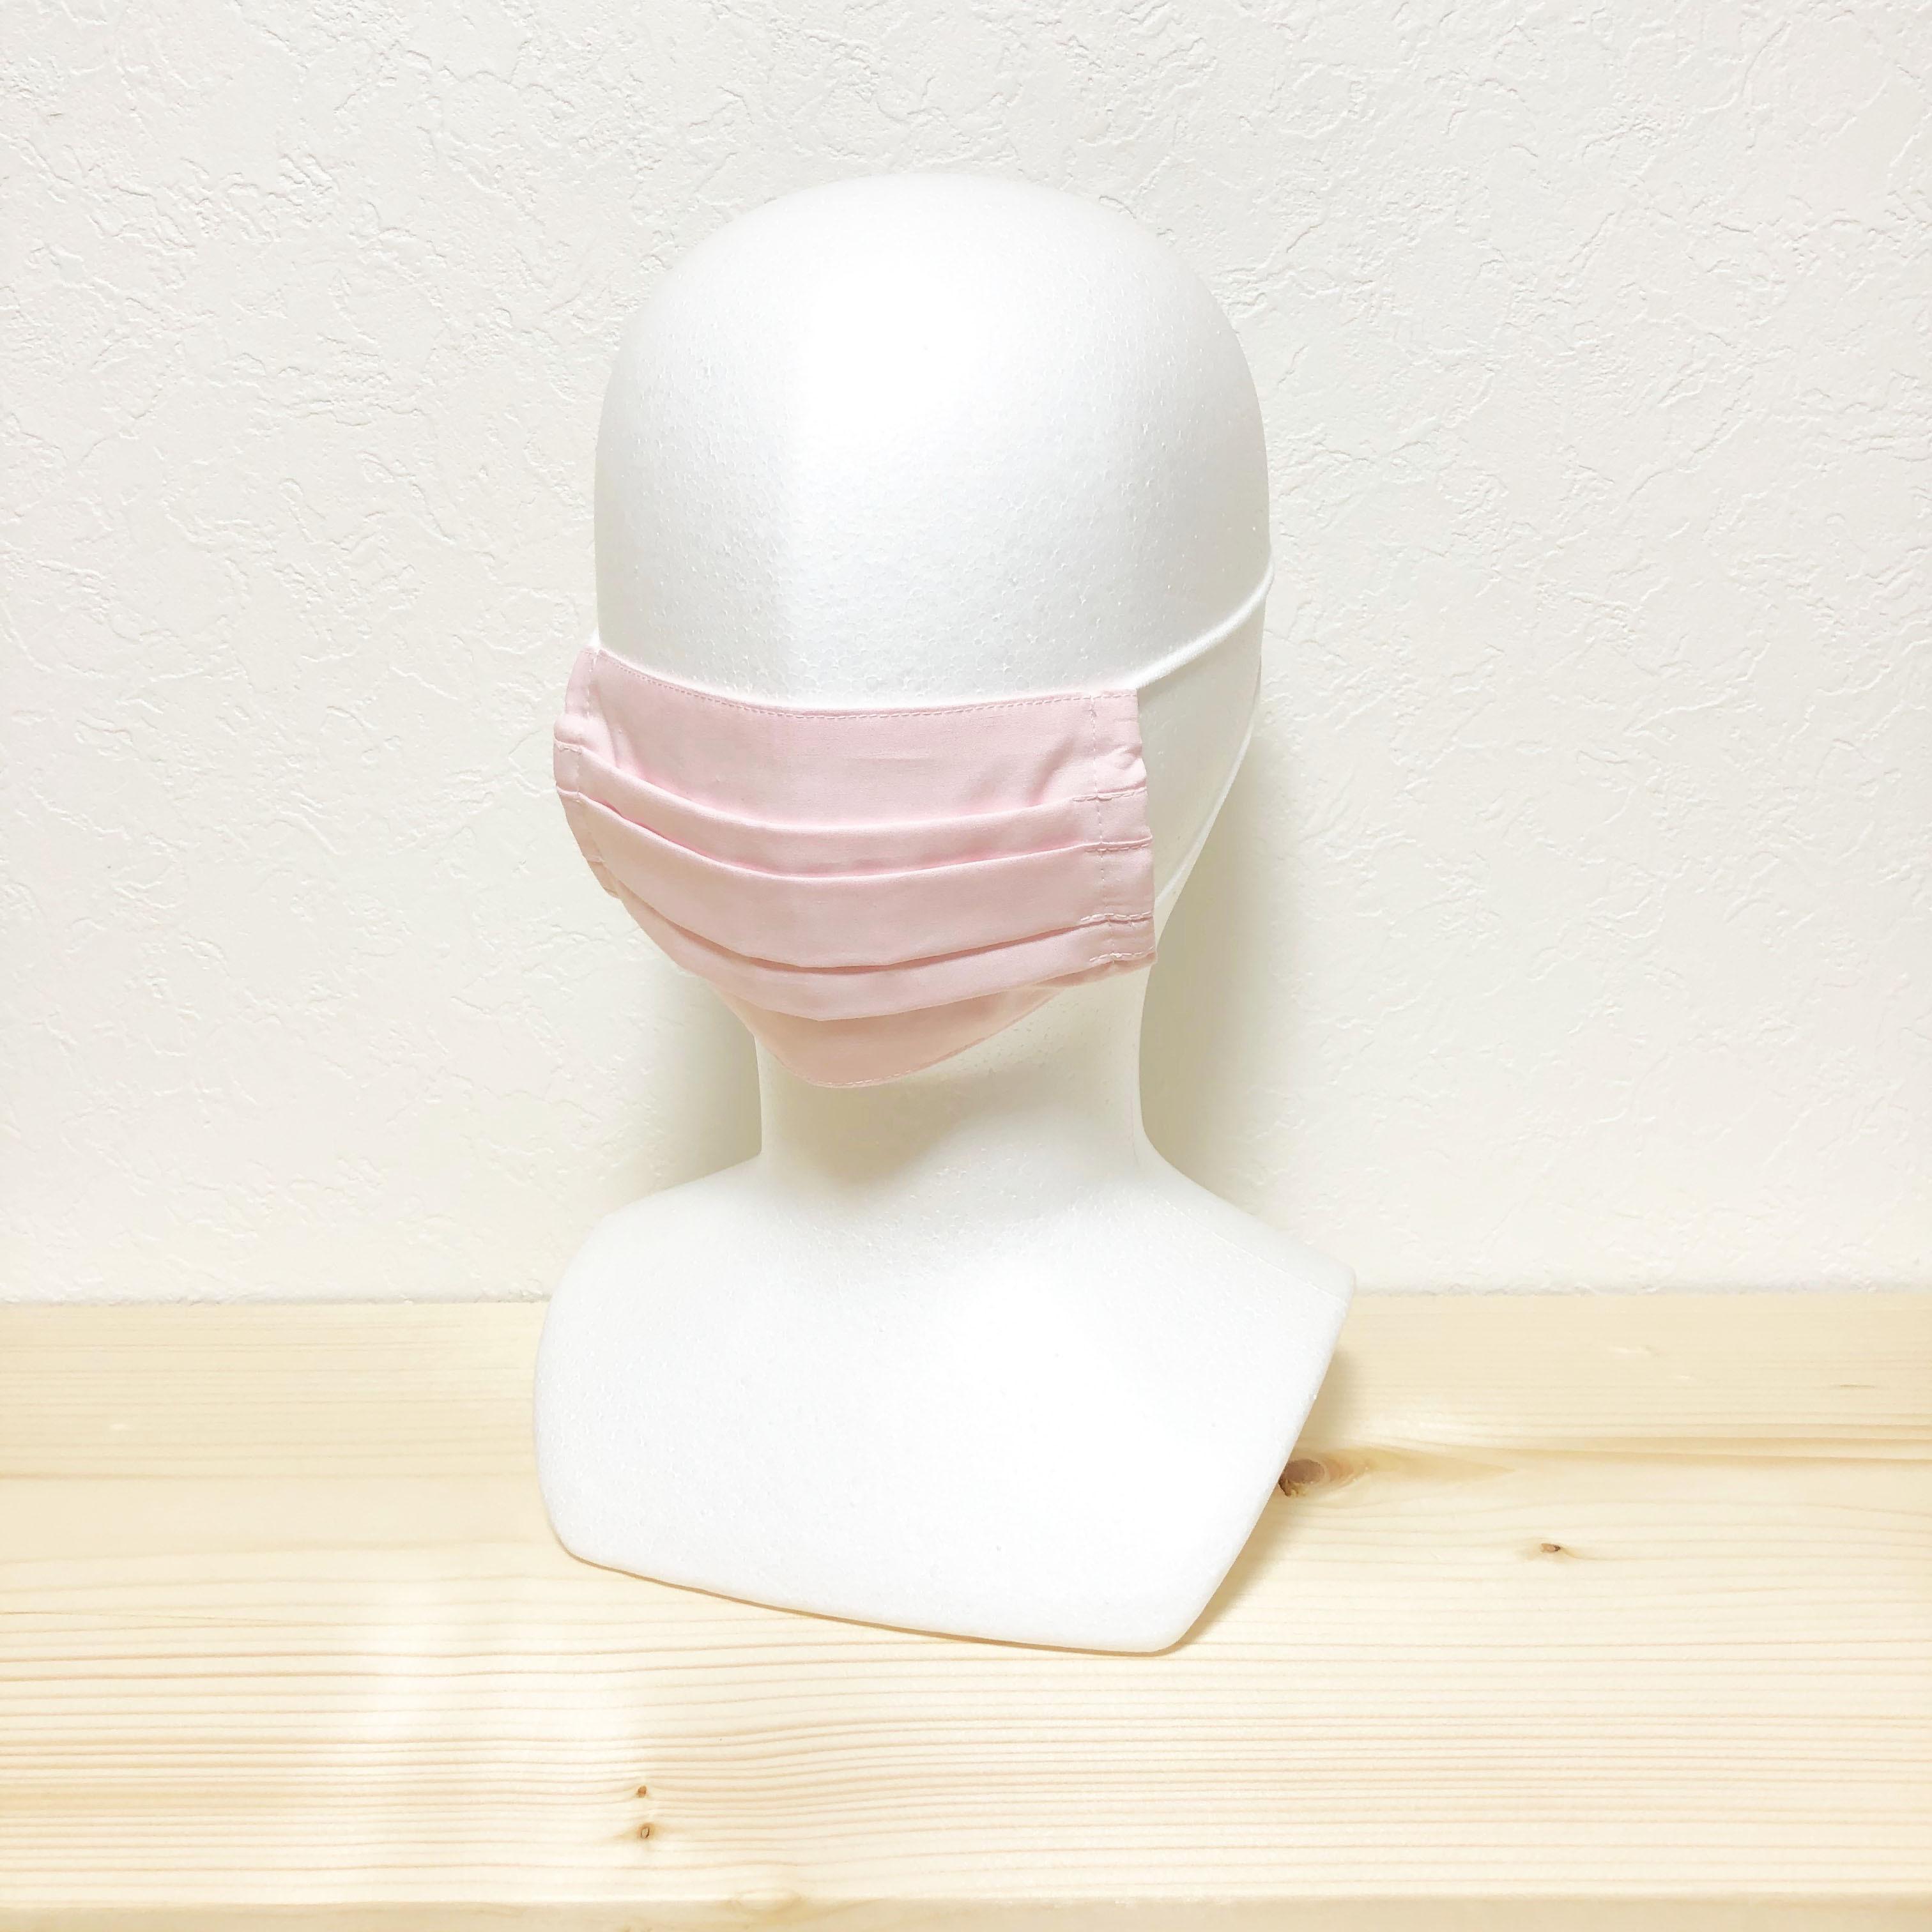 エチケットマスク プリーツタイプ ピンク 大人サイズ マスク用ゴム紐使用